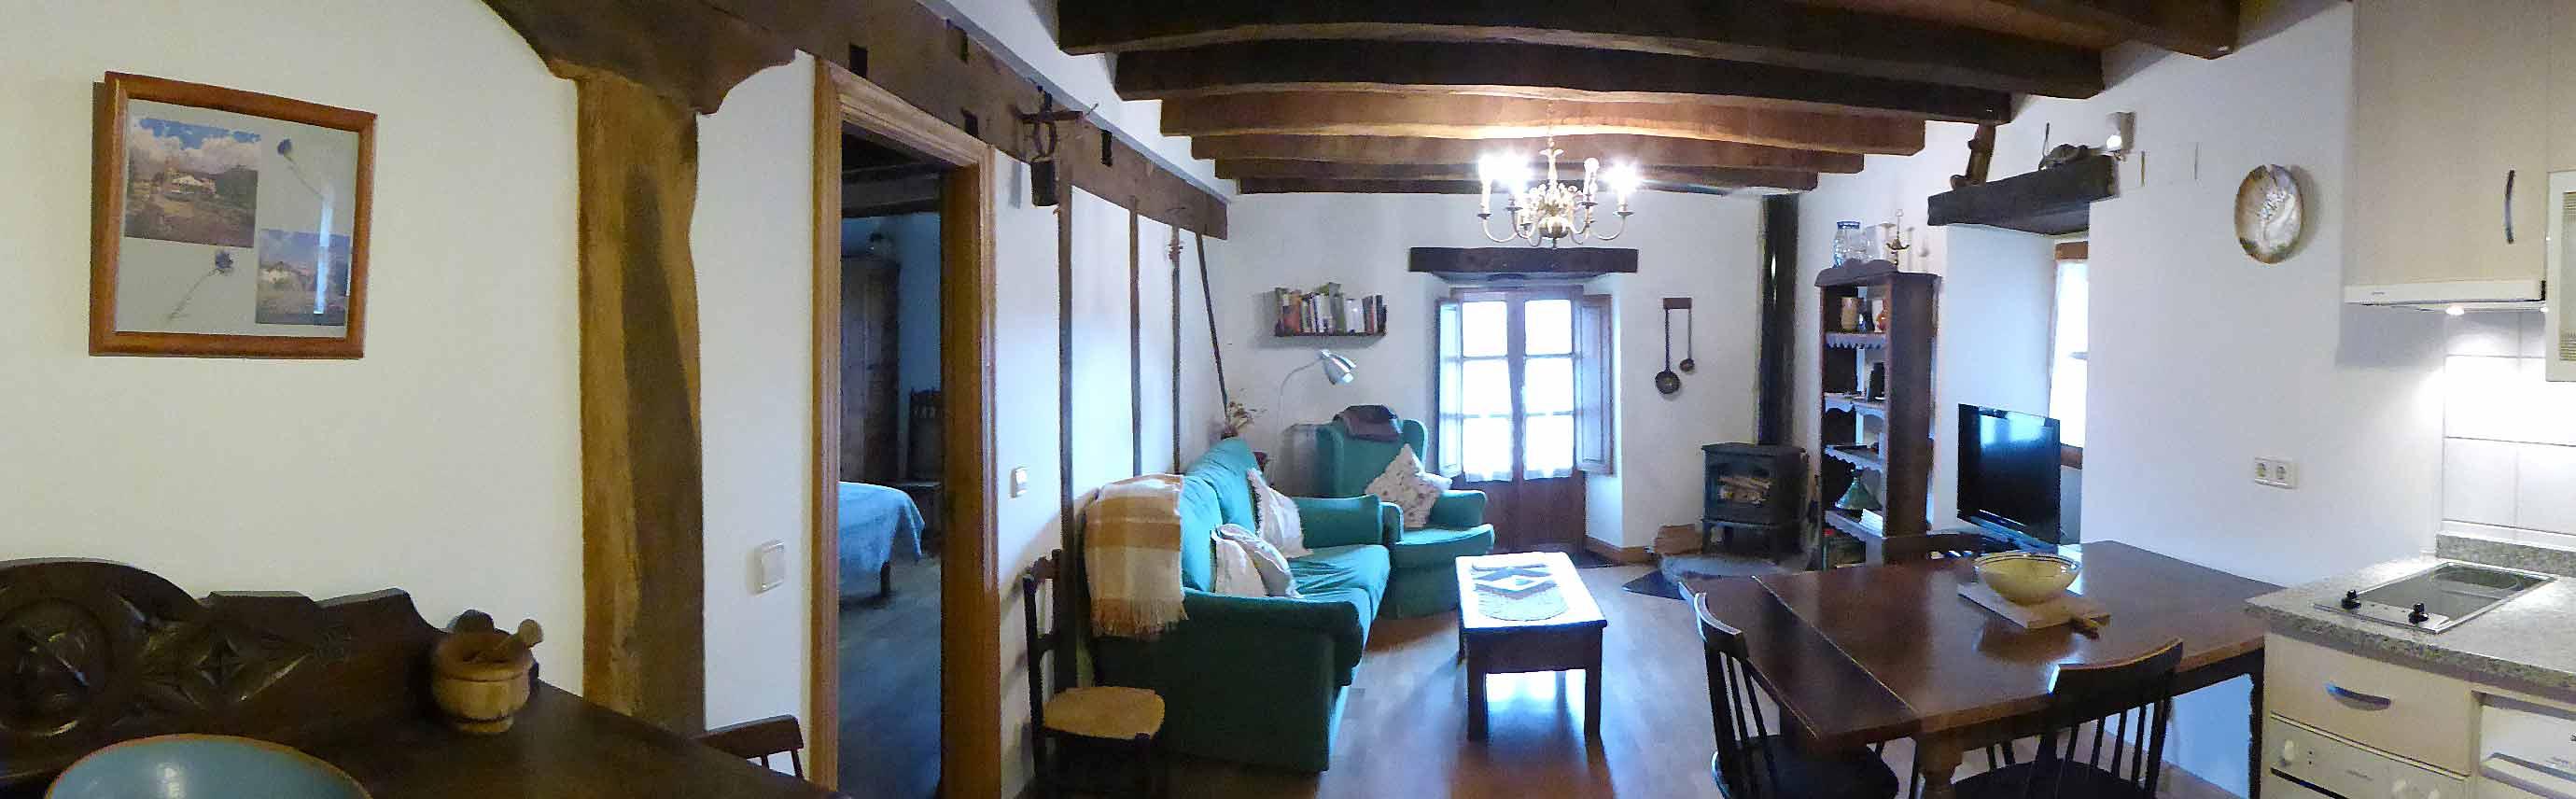 Casa rural para 4 personas a un paso de la selva de irati - Casa rural para 4 personas ...